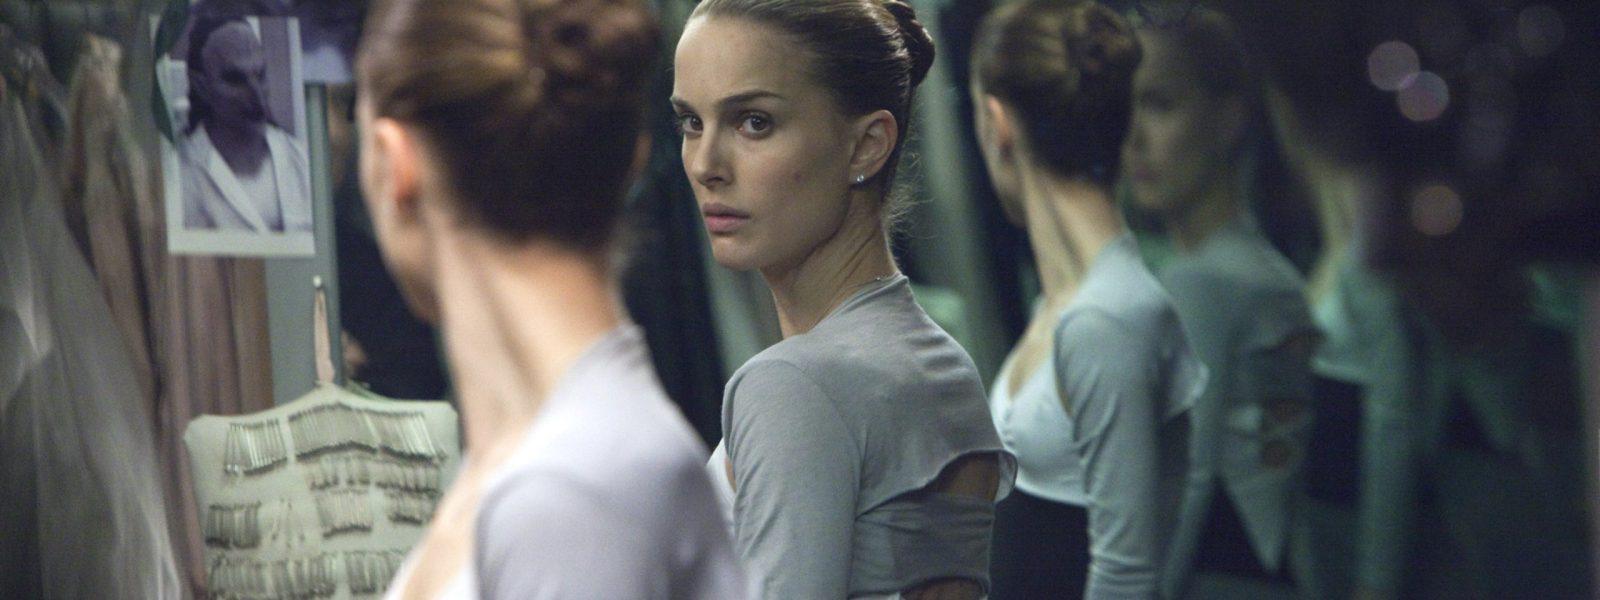 Natalie Portman in Black Swan, Darren Aronofsky